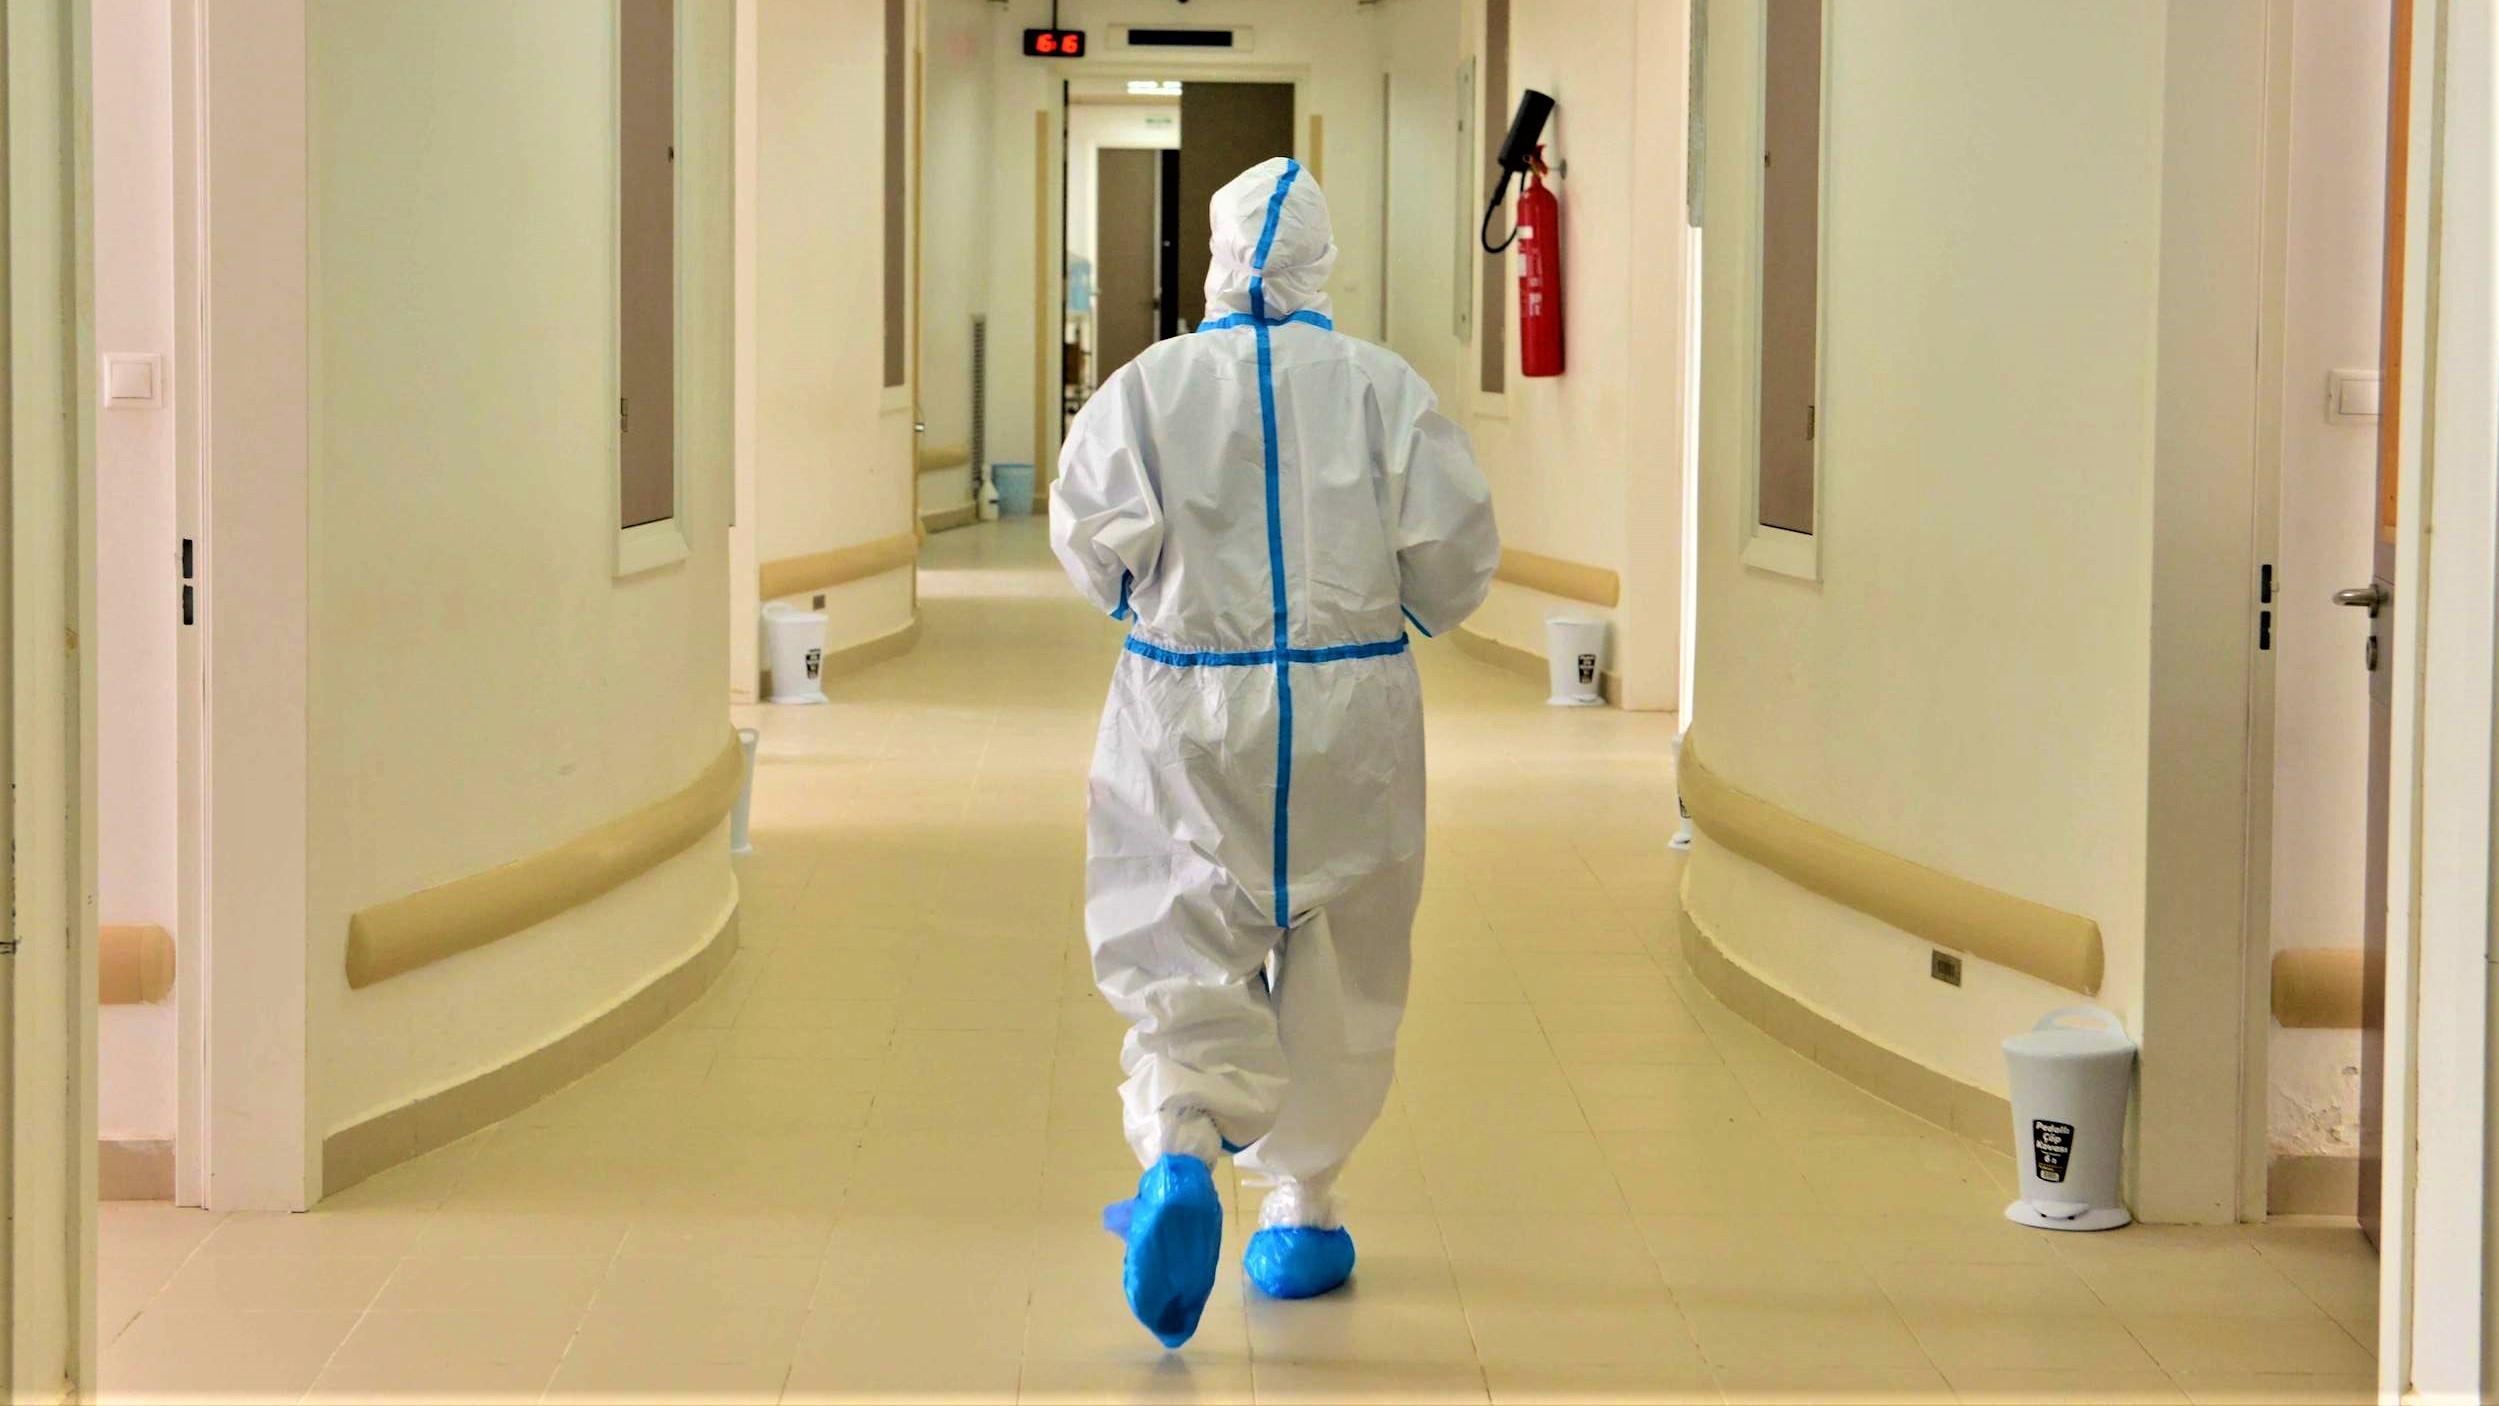 Compteur coronavirus : record inquiétant des contaminations, 6.195 cas en 24H et 64 décès